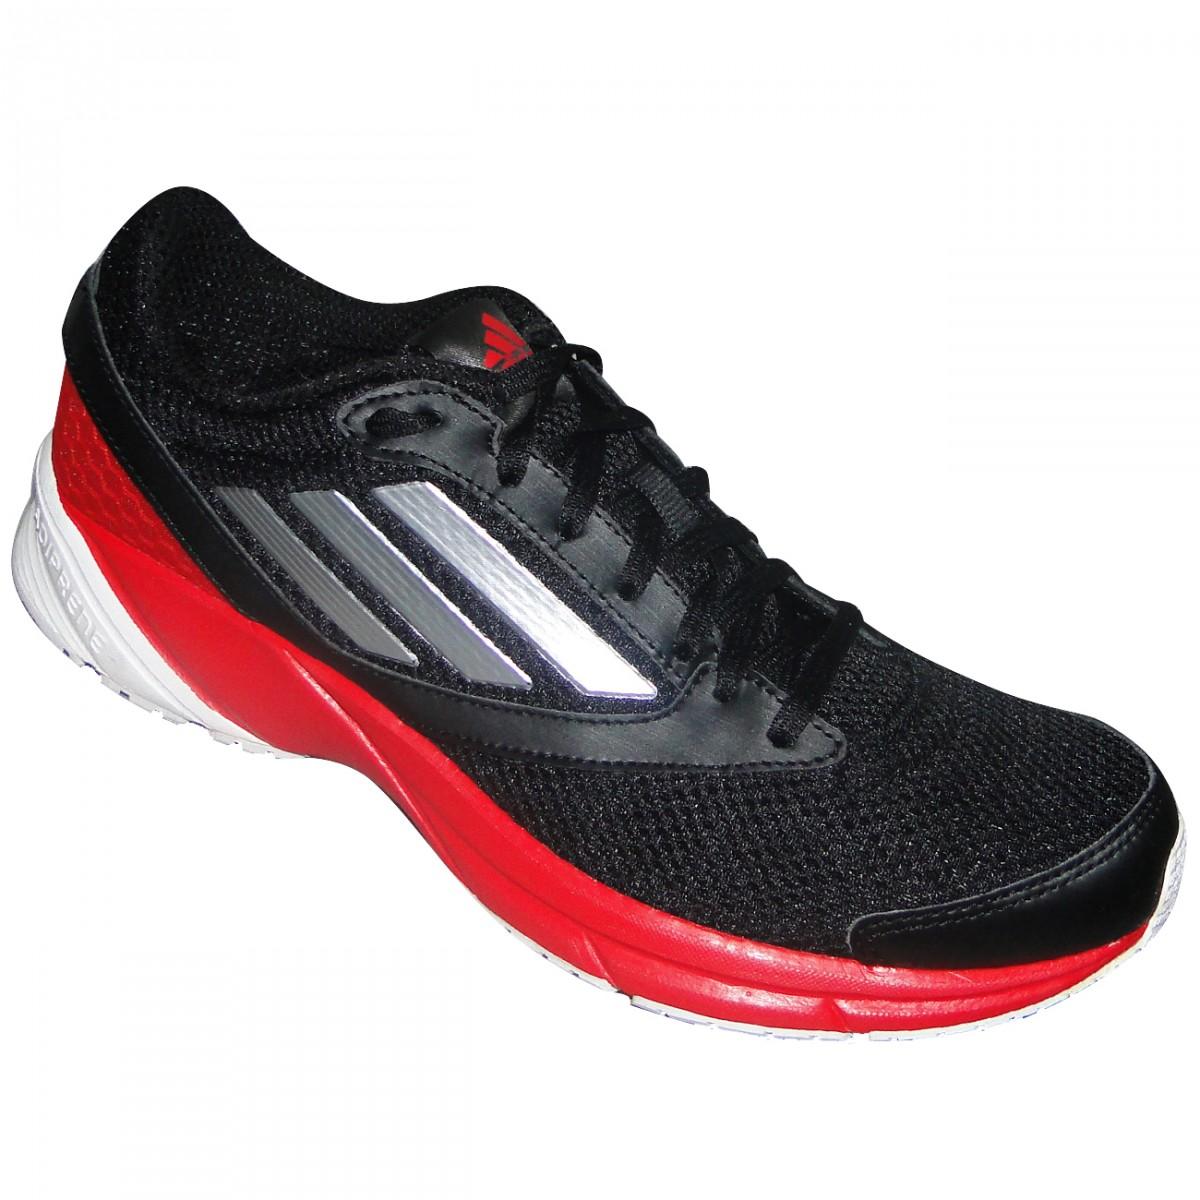 6430f899949 Tenis Adidas Lite Arrow Q22576 - Preto Vermelho Branco - Chuteira ...